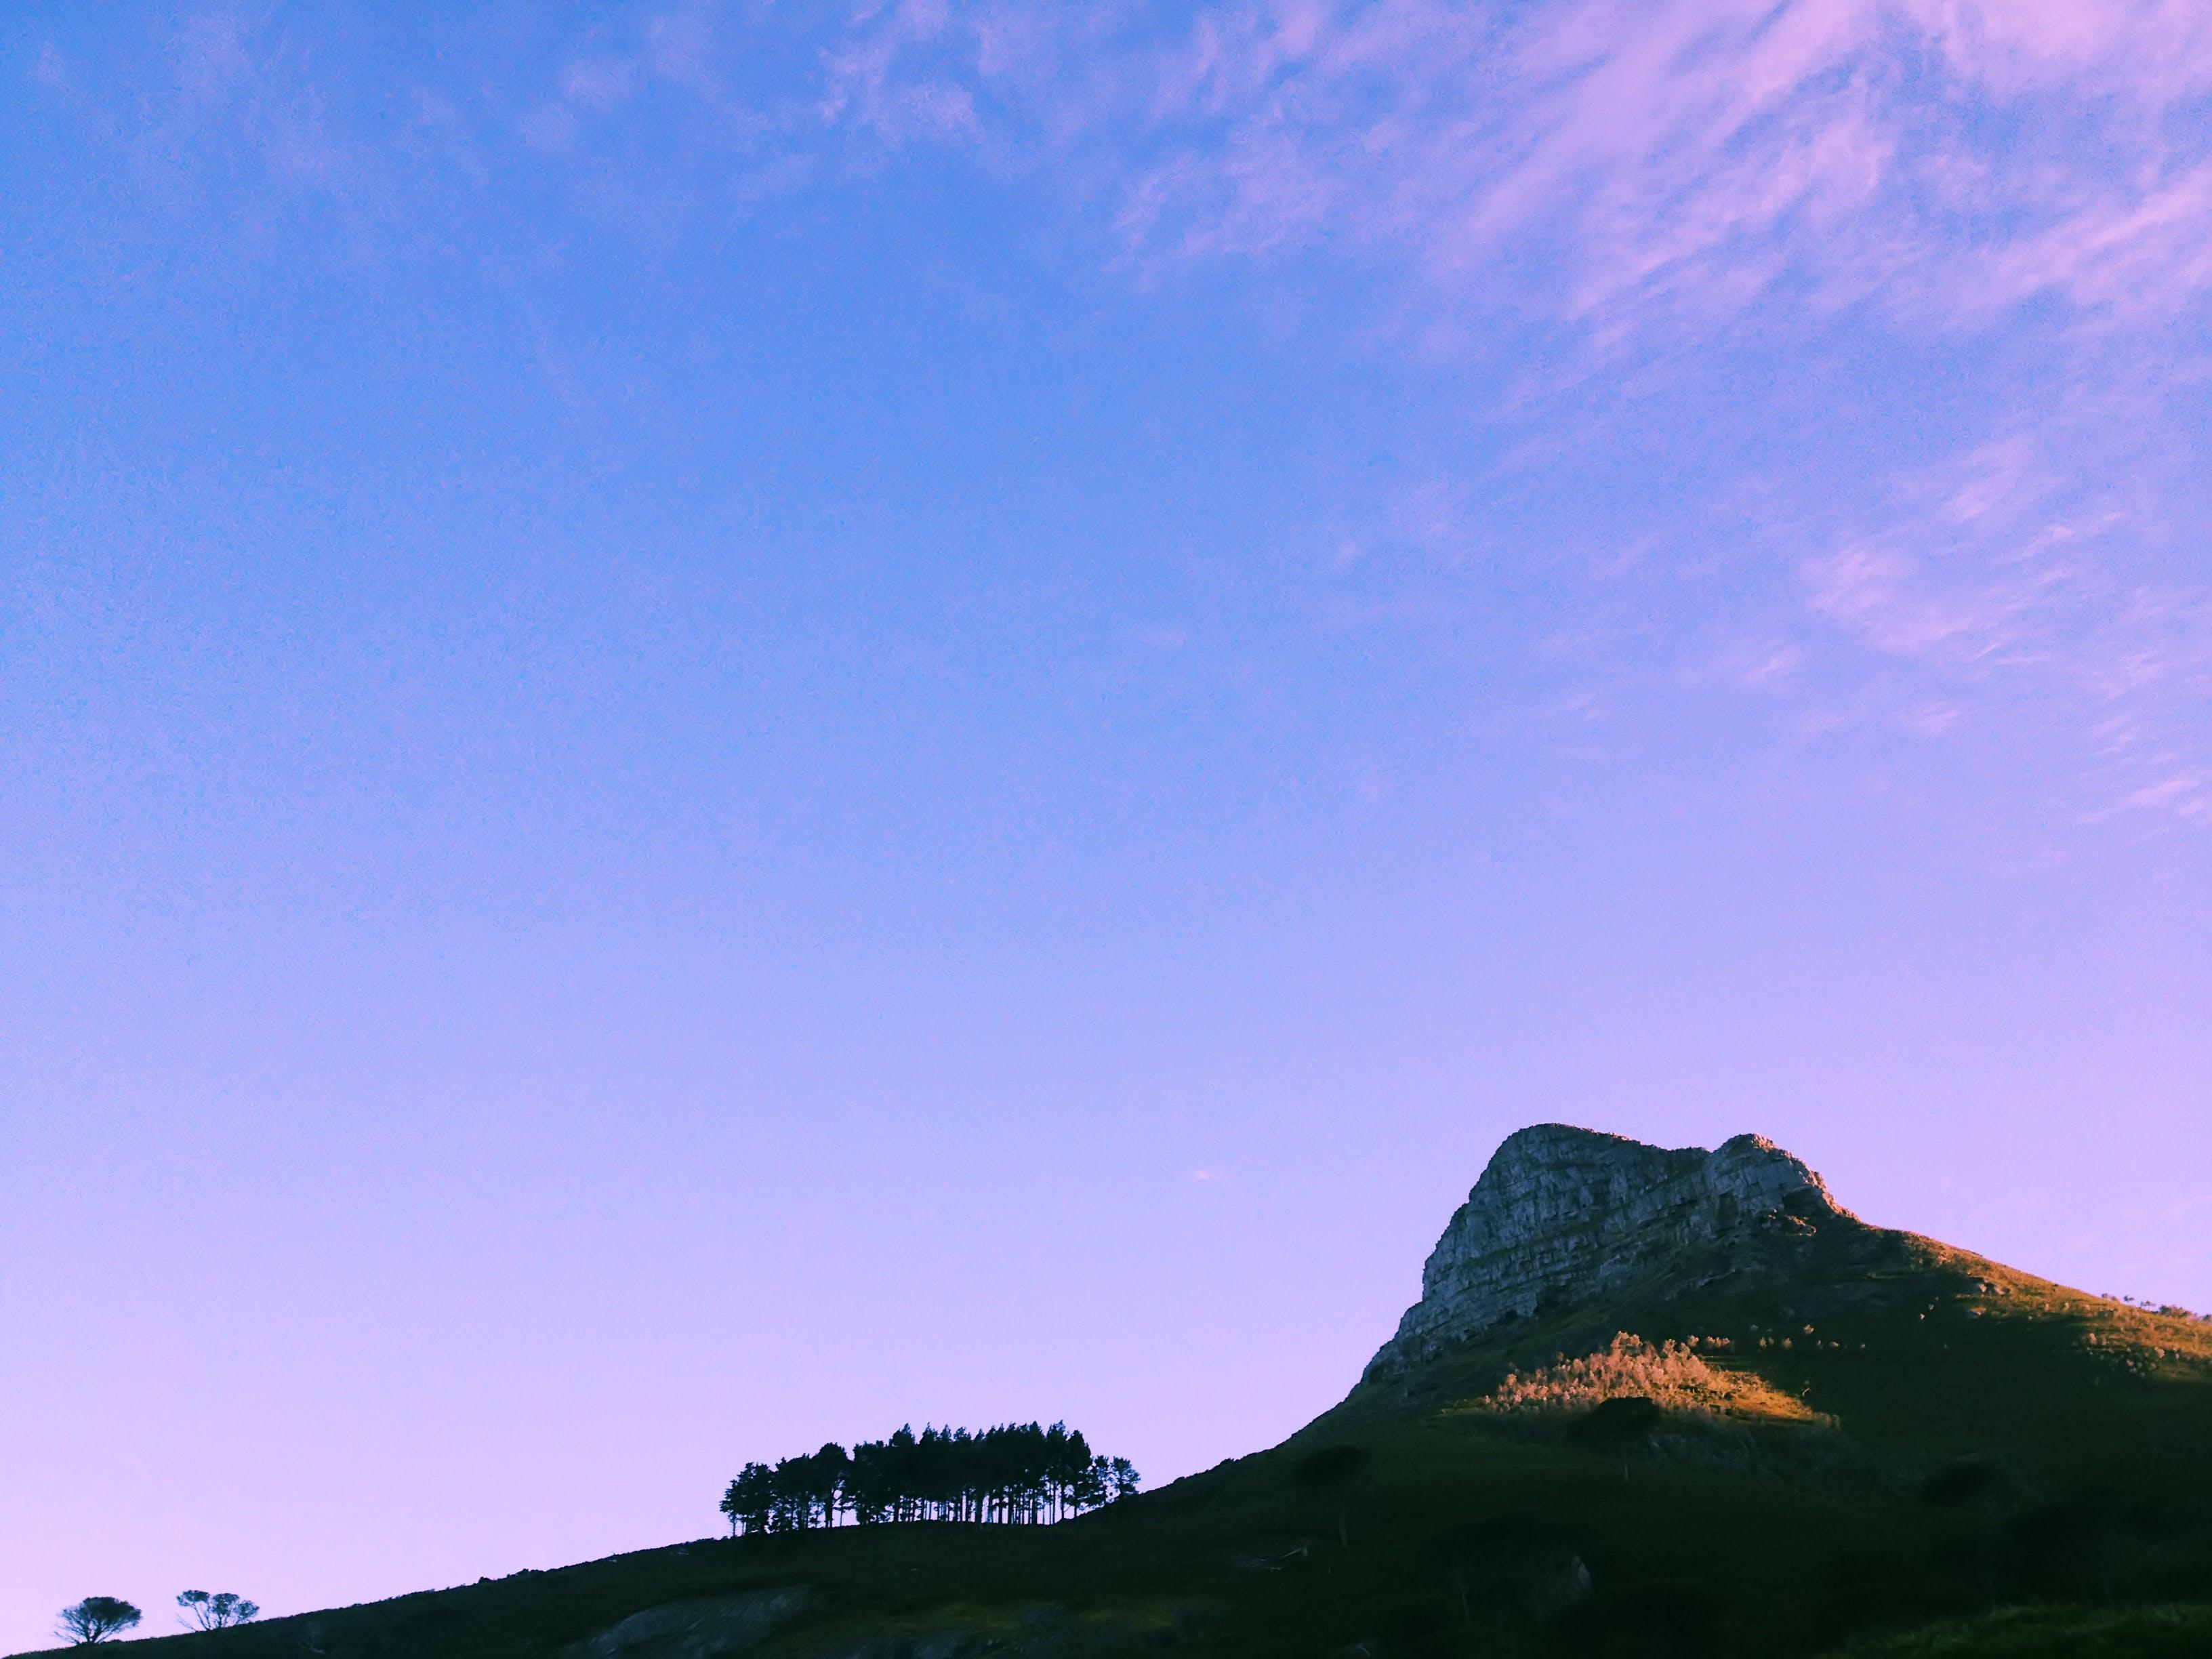 Fotos de stock gratuitas de arboles, colina, ligero, luz de día